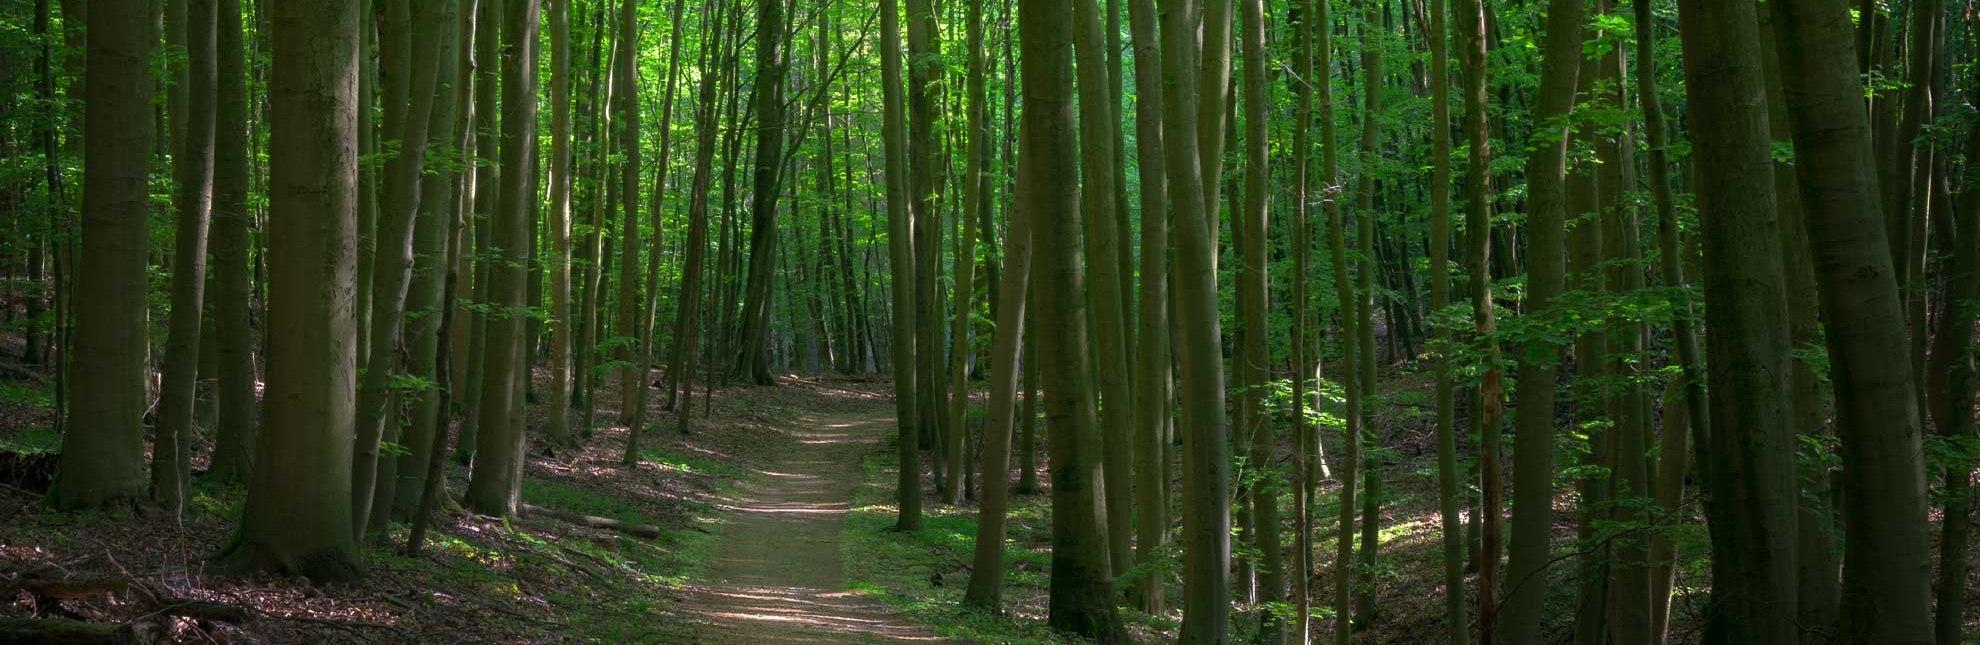 Am Salemer Moor befindet sich ein dichter naturnaher Wald., © Alex K. Media / HLMS GmbH